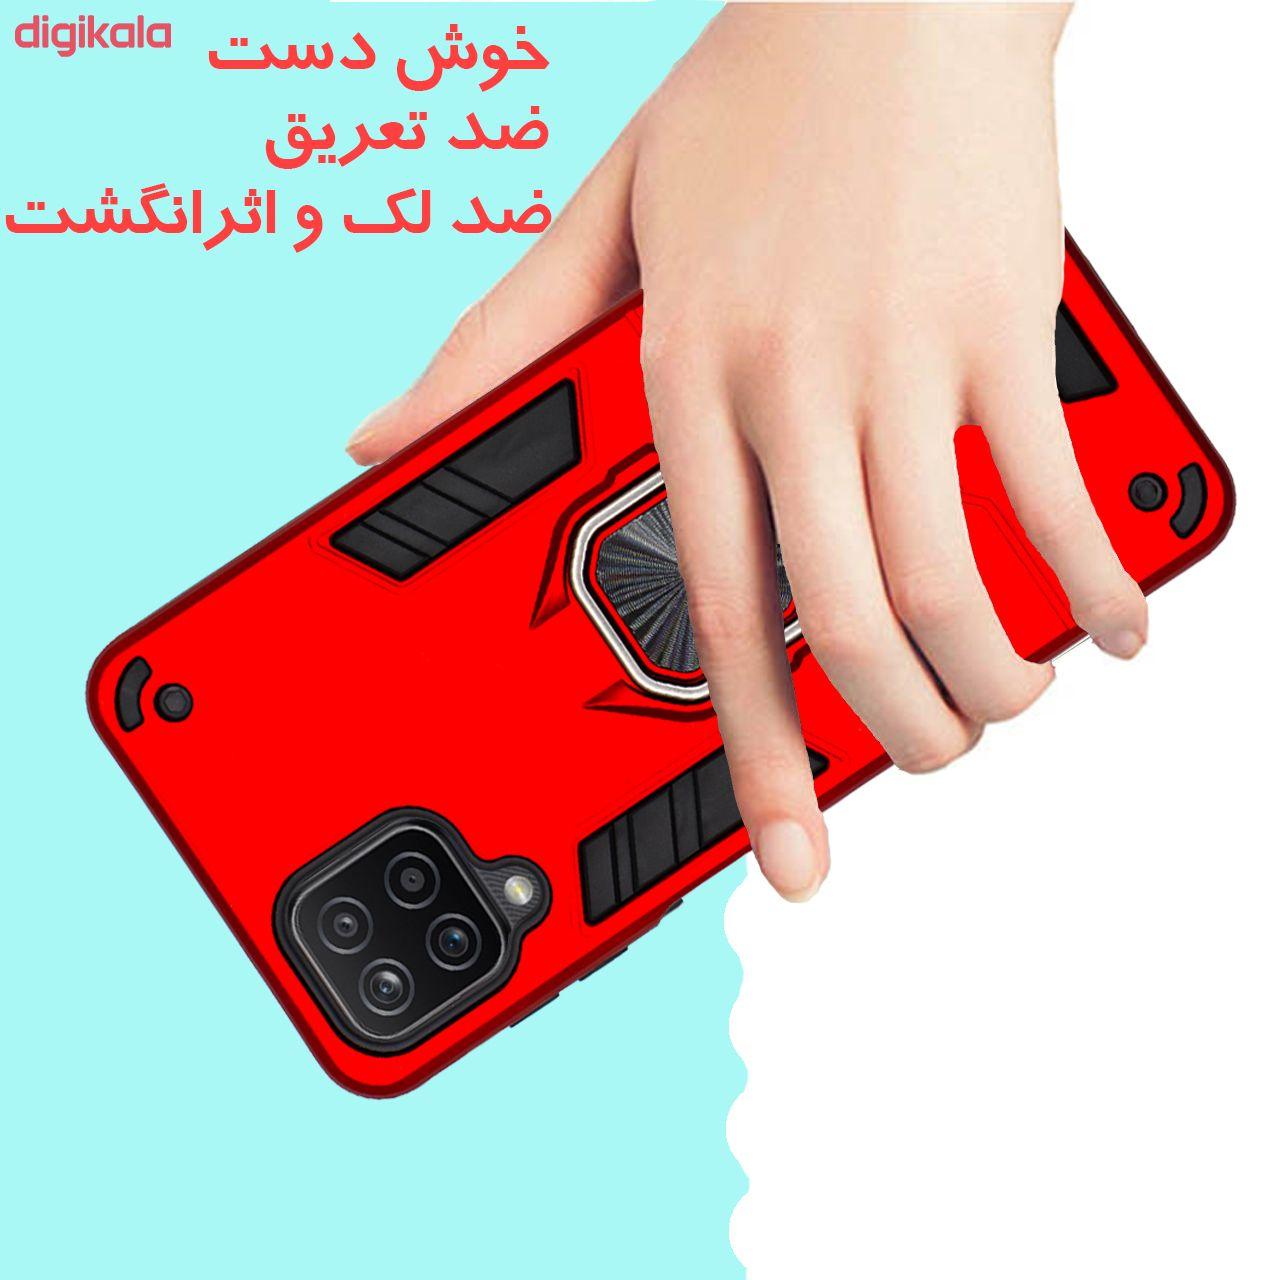 کاور کینگ پاور مدل ASH22 مناسب برای گوشی موبایل سامسونگ Galaxy A12 main 1 5